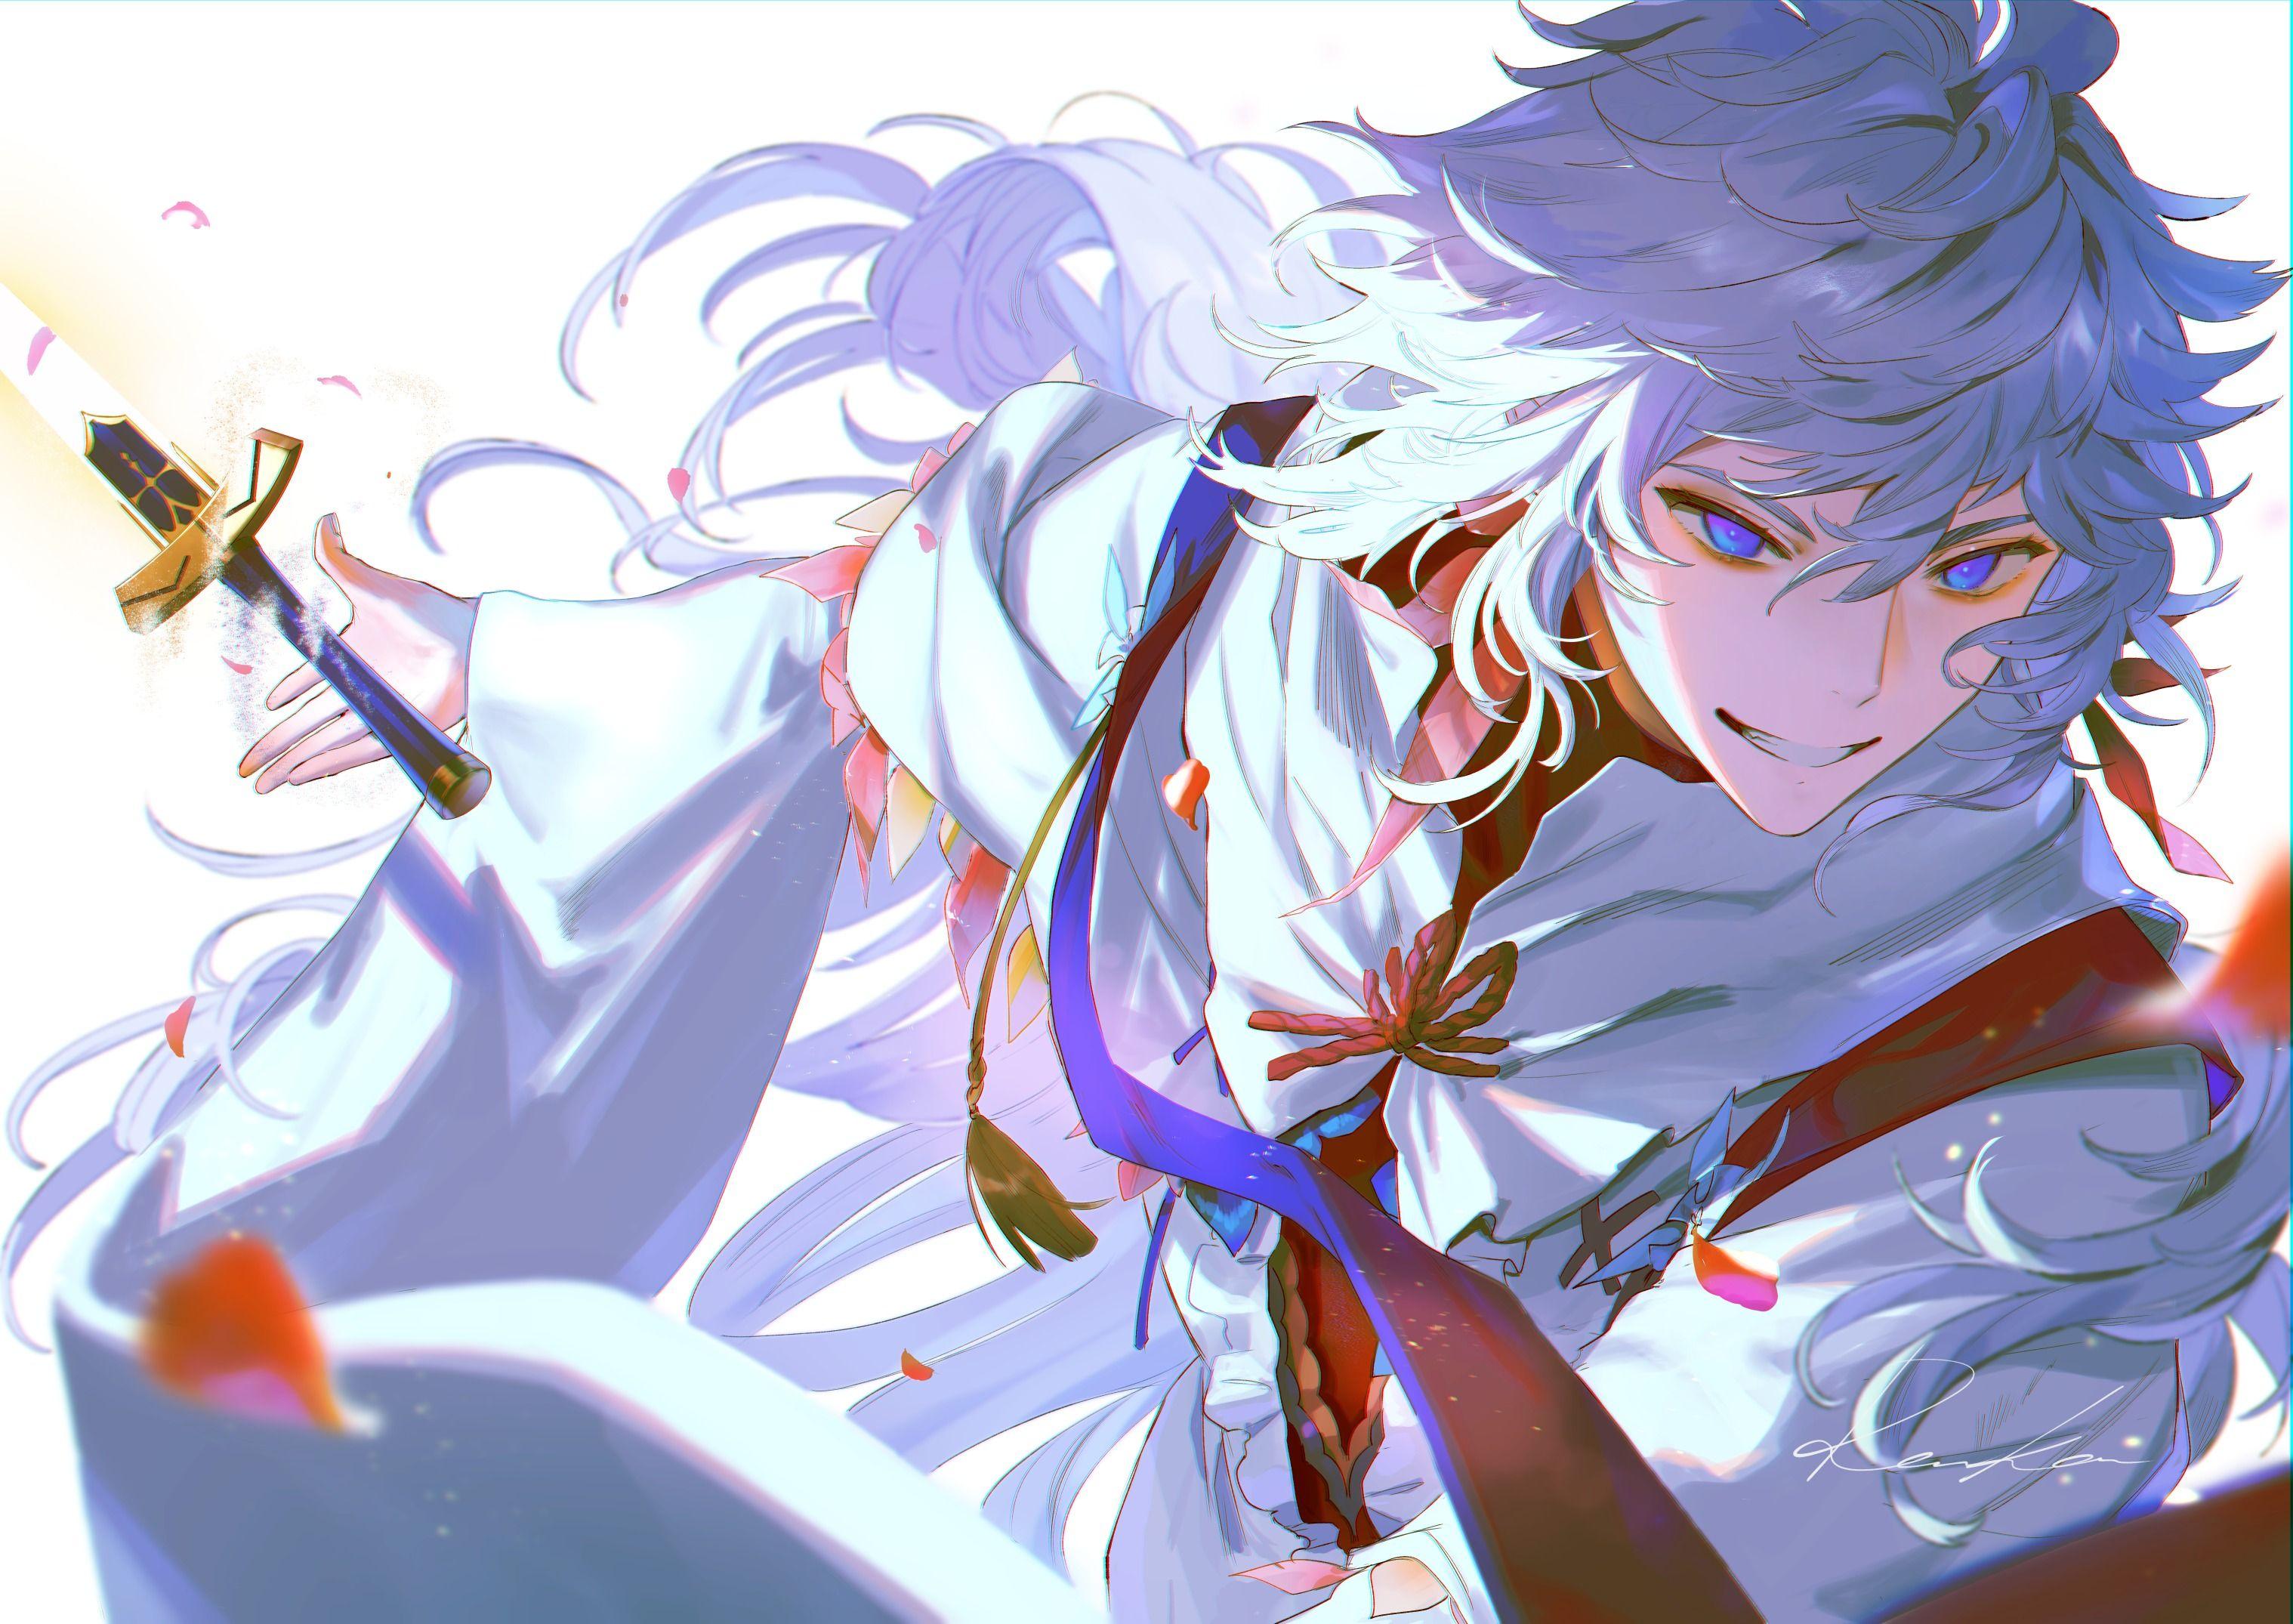 レンコン on Twitter in 2020 Anime artwork, Fate anime series